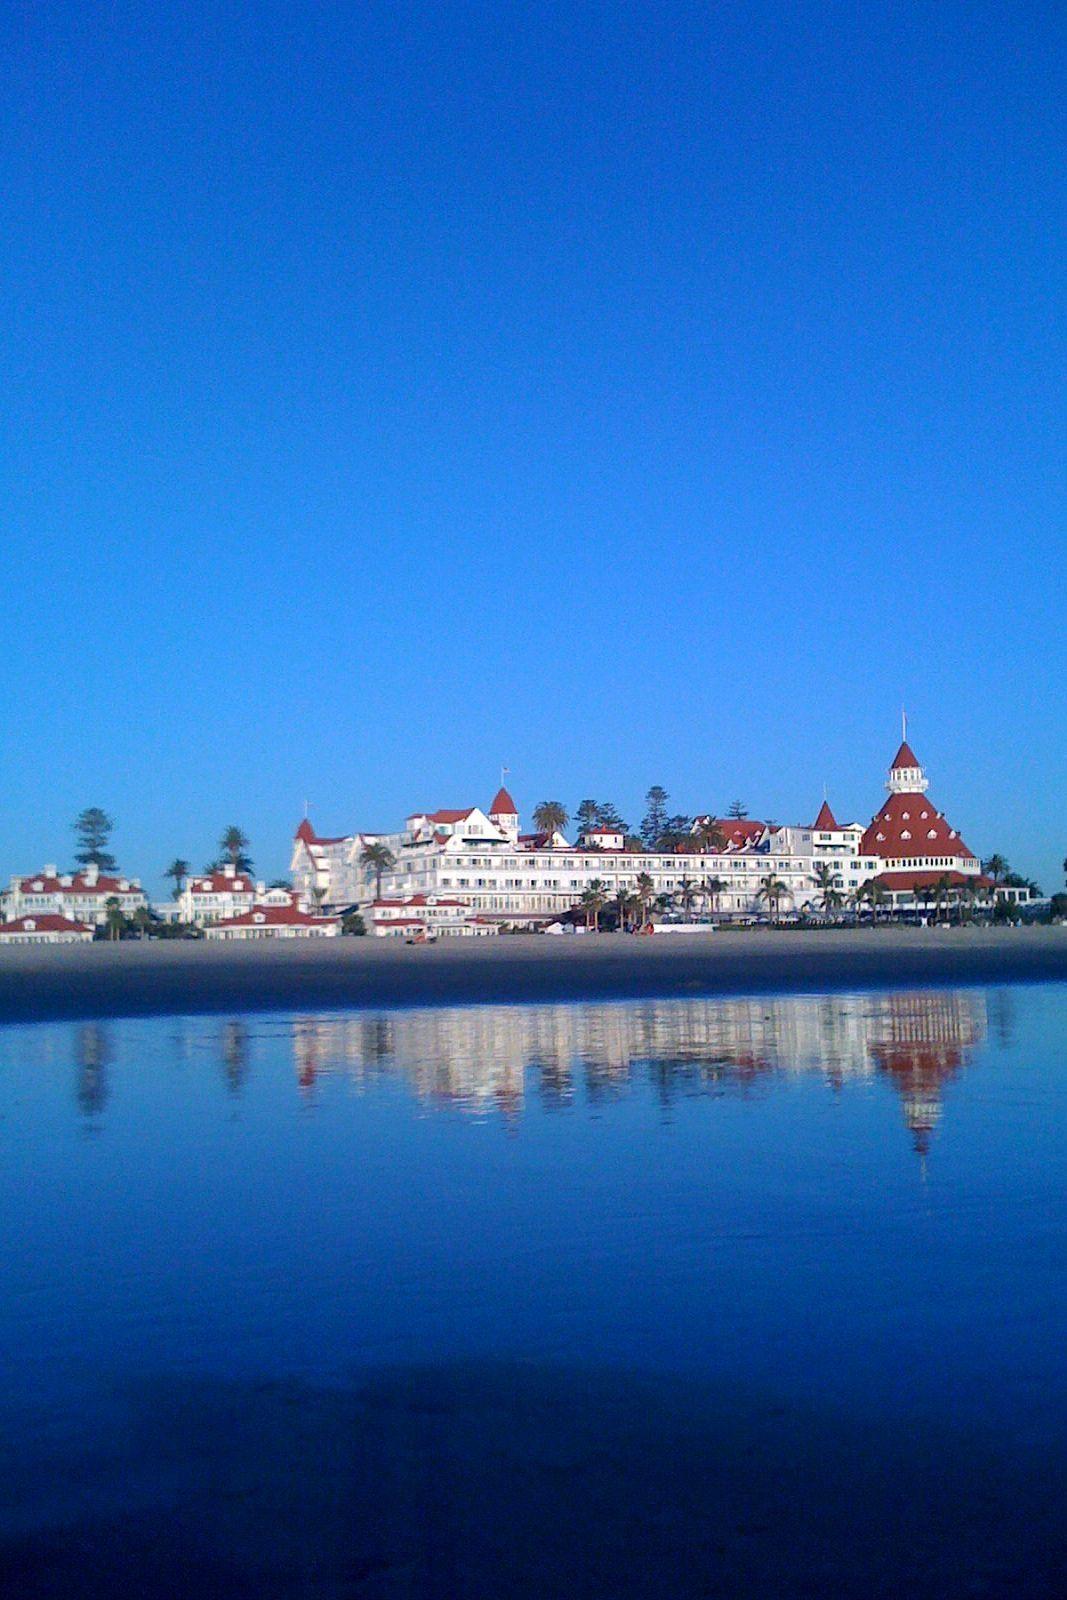 Hotel Del Coronado, Coronado, California (With Images